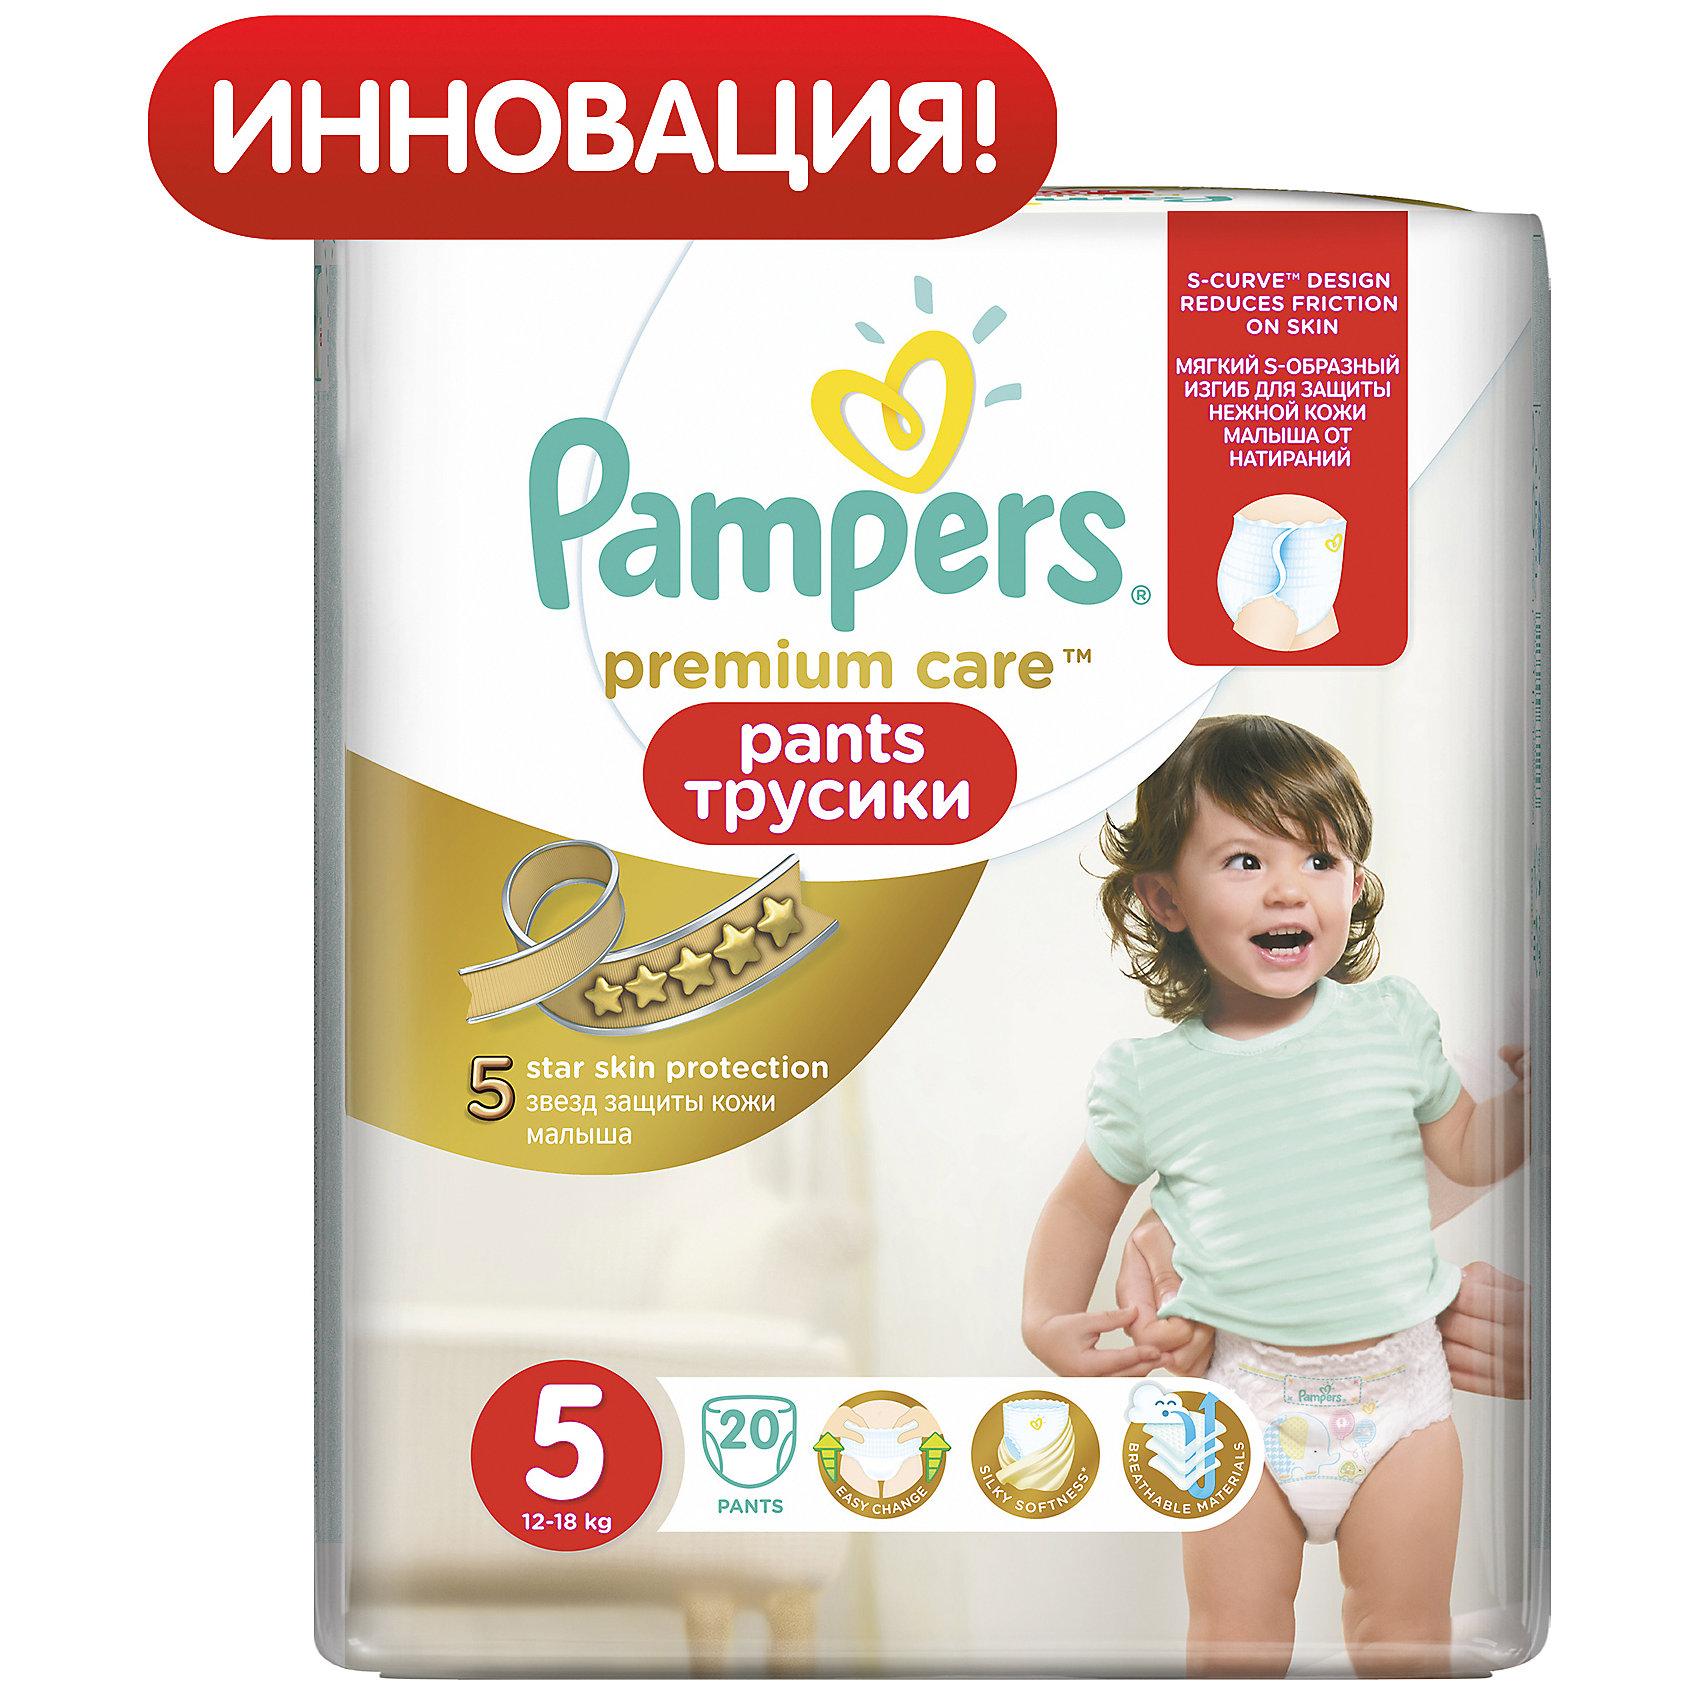 Трусики-подгузники Pampers Premium Care Pants Junior, 12-18 кг., 20 шт.Трусики-подгузники<br>Трусики-подгузники Pampers Premium Care Pants Junior (Памперс премиум кеа пантс), 12-18 кг., 20 шт.<br><br>Характеристики:<br><br>• анатомическая форма препятствует появлению раздражений и не натирает кожу<br>• внутренний слой быстро впитывает влагу и удерживает её до 12 часов<br>• дышащие материалы позволяют коже дышать<br>• индикатор влаги<br>• состав бальзама: вазелин, стеариловый спирт, медицинский жидкий парафин, экстракт листа алоэ<br>• размер: 12-18 кг<br>• количество: 20 шт.<br>• размер упаковки: 23,5х14х19,4 см<br>• вес: 702 грамма <br><br>Трусики-подгузники Pampers Premium Care Pants Junior имеют S-образный изгиб, повторяющий движения вашей крохи - это защитит ножки малыша от раздражения и натирания кожи. Впитывающий слой быстро абсорбирует и надежно удерживает влагу до 12 часов. Мягкие материалы не вызывают раздражения на коже ребенка. Воздухопроницаемая поверхность позволяет коже малыша дышать. На трусиках есть специальный индикатор влаги, который подскажет вам, что нужно сменить подгузник.<br><br>Трусики-подгузники Pampers Premium Care Pants Junior (Памперс премиум кеа пантс), 12-18 кг., 20 шт. вы можете купить в нашем интернет-магазине.<br><br>Ширина мм: 194<br>Глубина мм: 140<br>Высота мм: 235<br>Вес г: 702<br>Возраст от месяцев: 12<br>Возраст до месяцев: 36<br>Пол: Унисекс<br>Возраст: Детский<br>SKU: 5422921